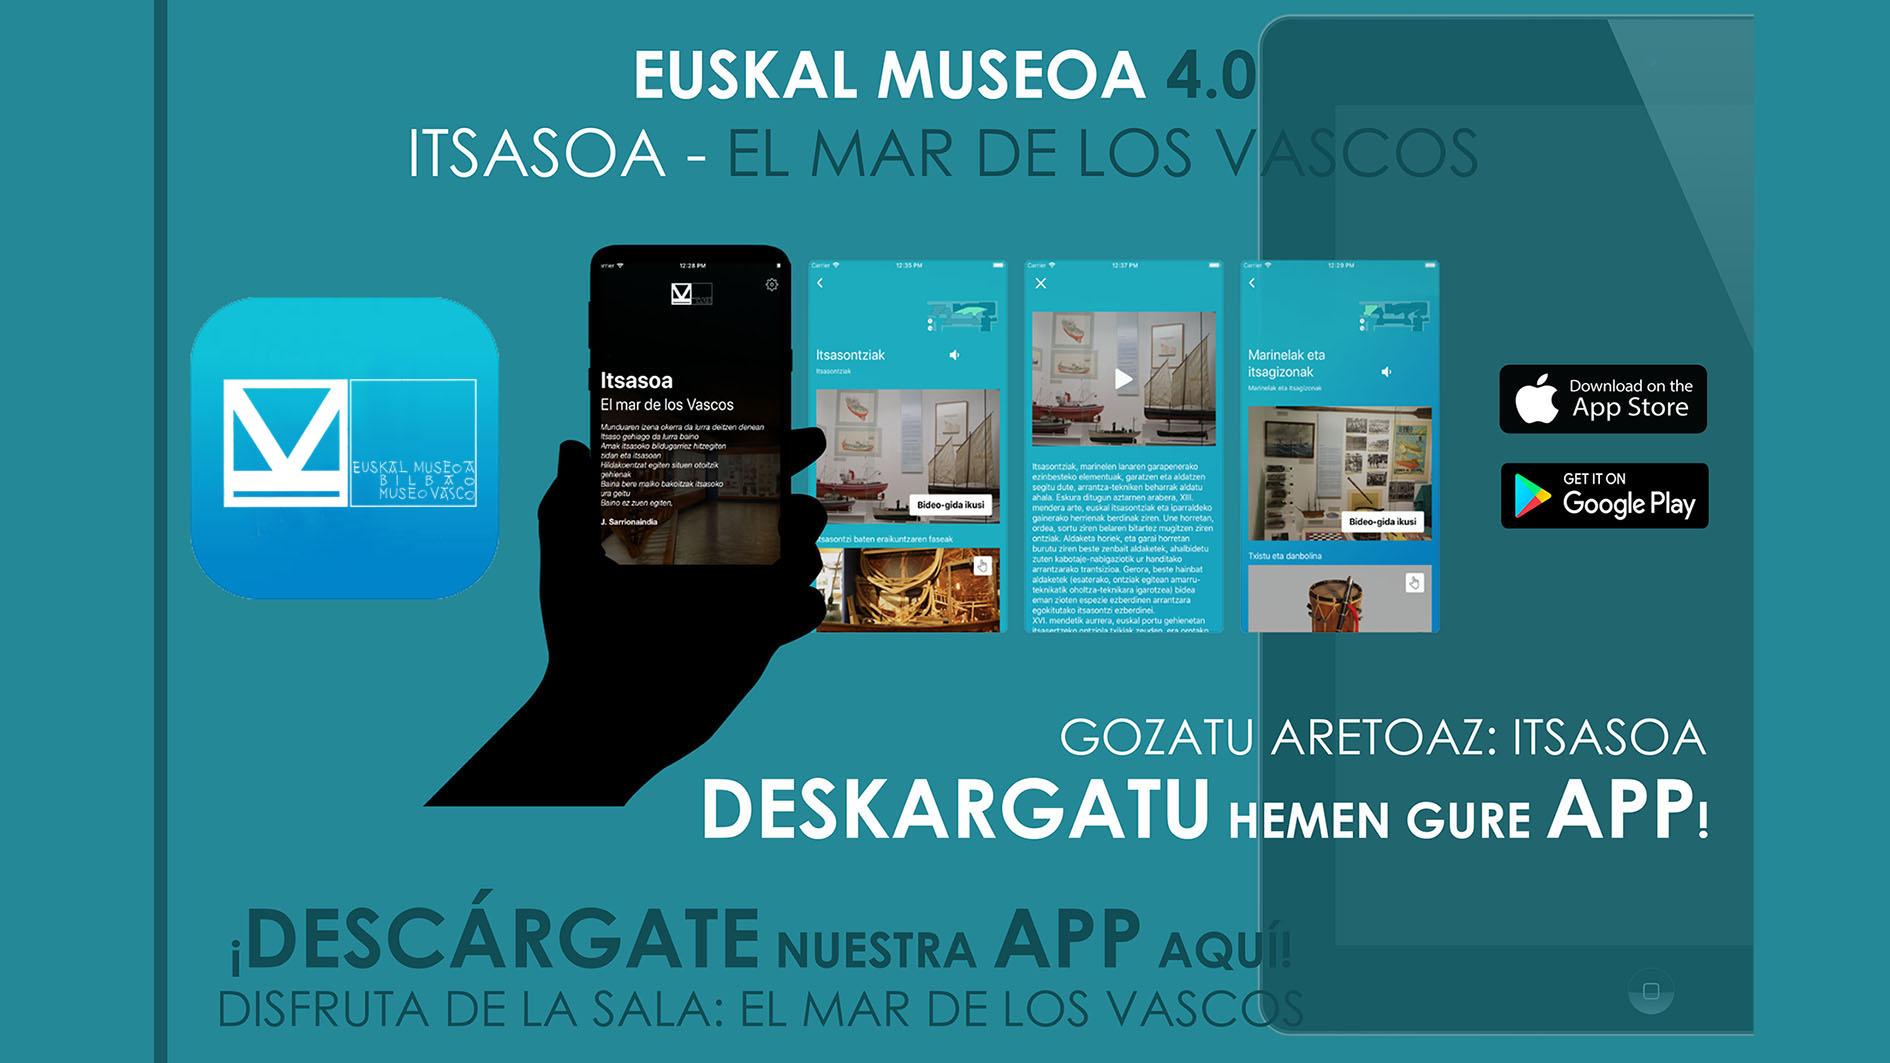 © Euskal Museoa Bilbao Museo Vasco 2019